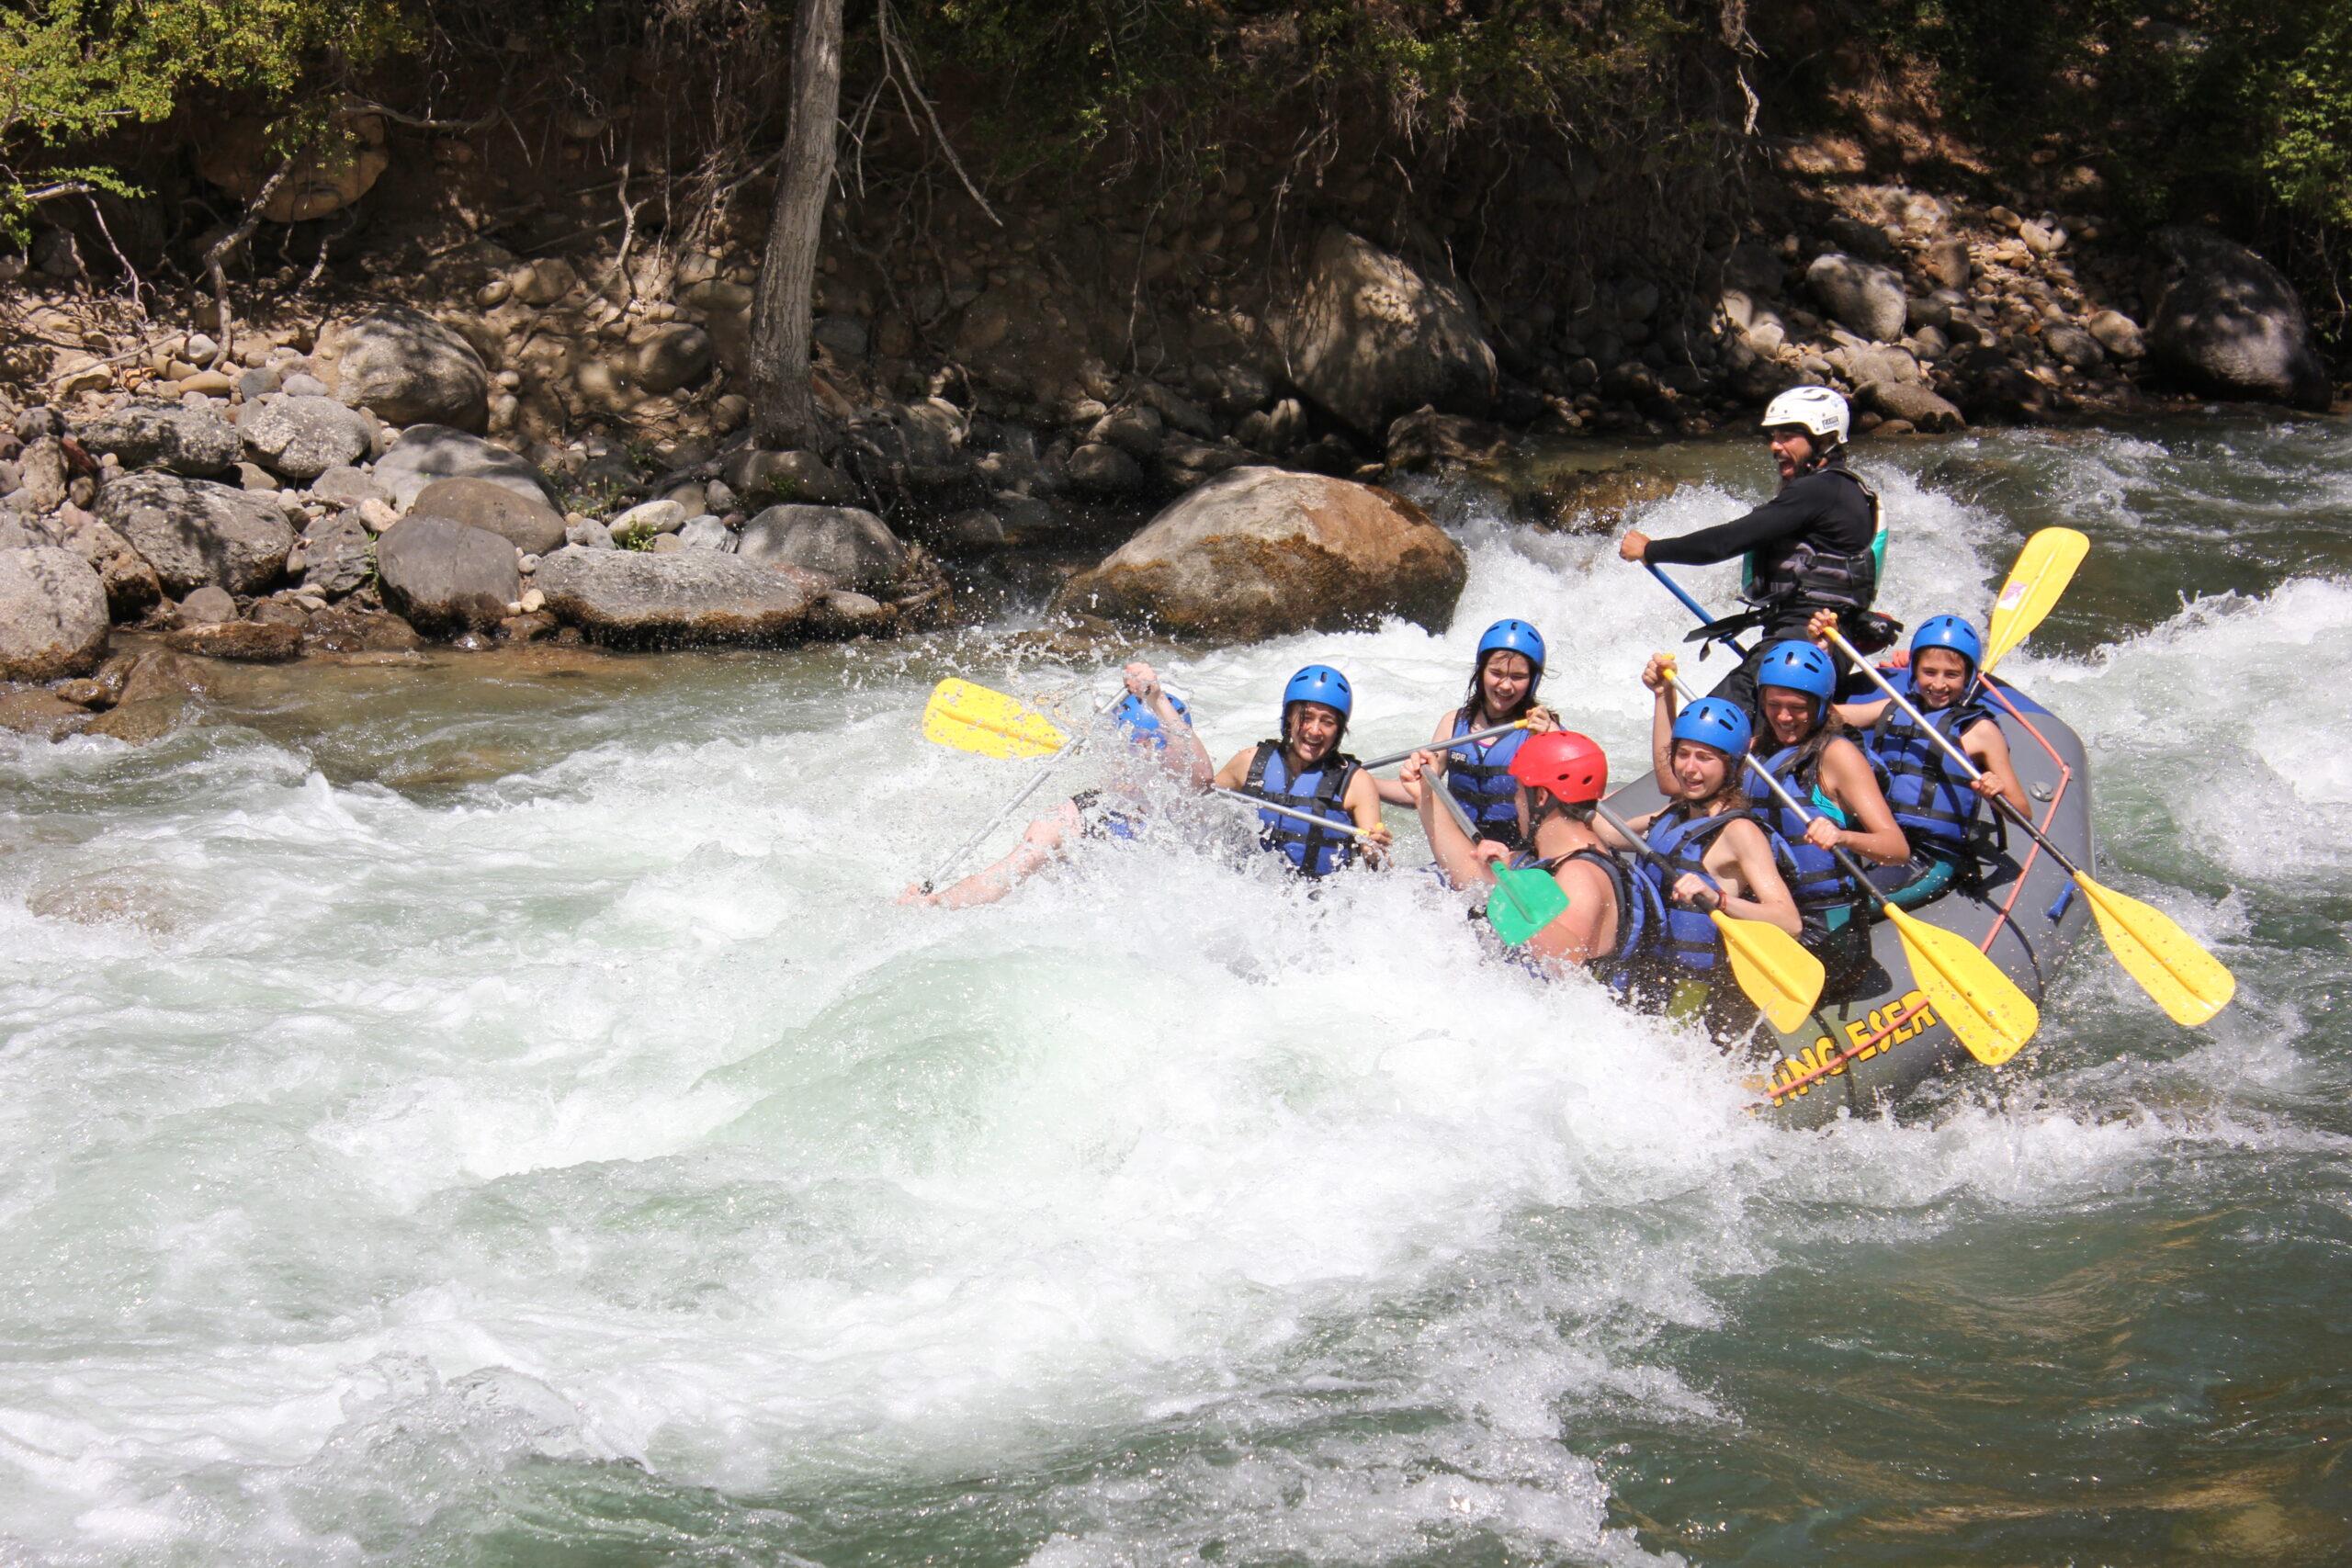 Aventura en Familia con Rafting Esera y Escuela de Kayak